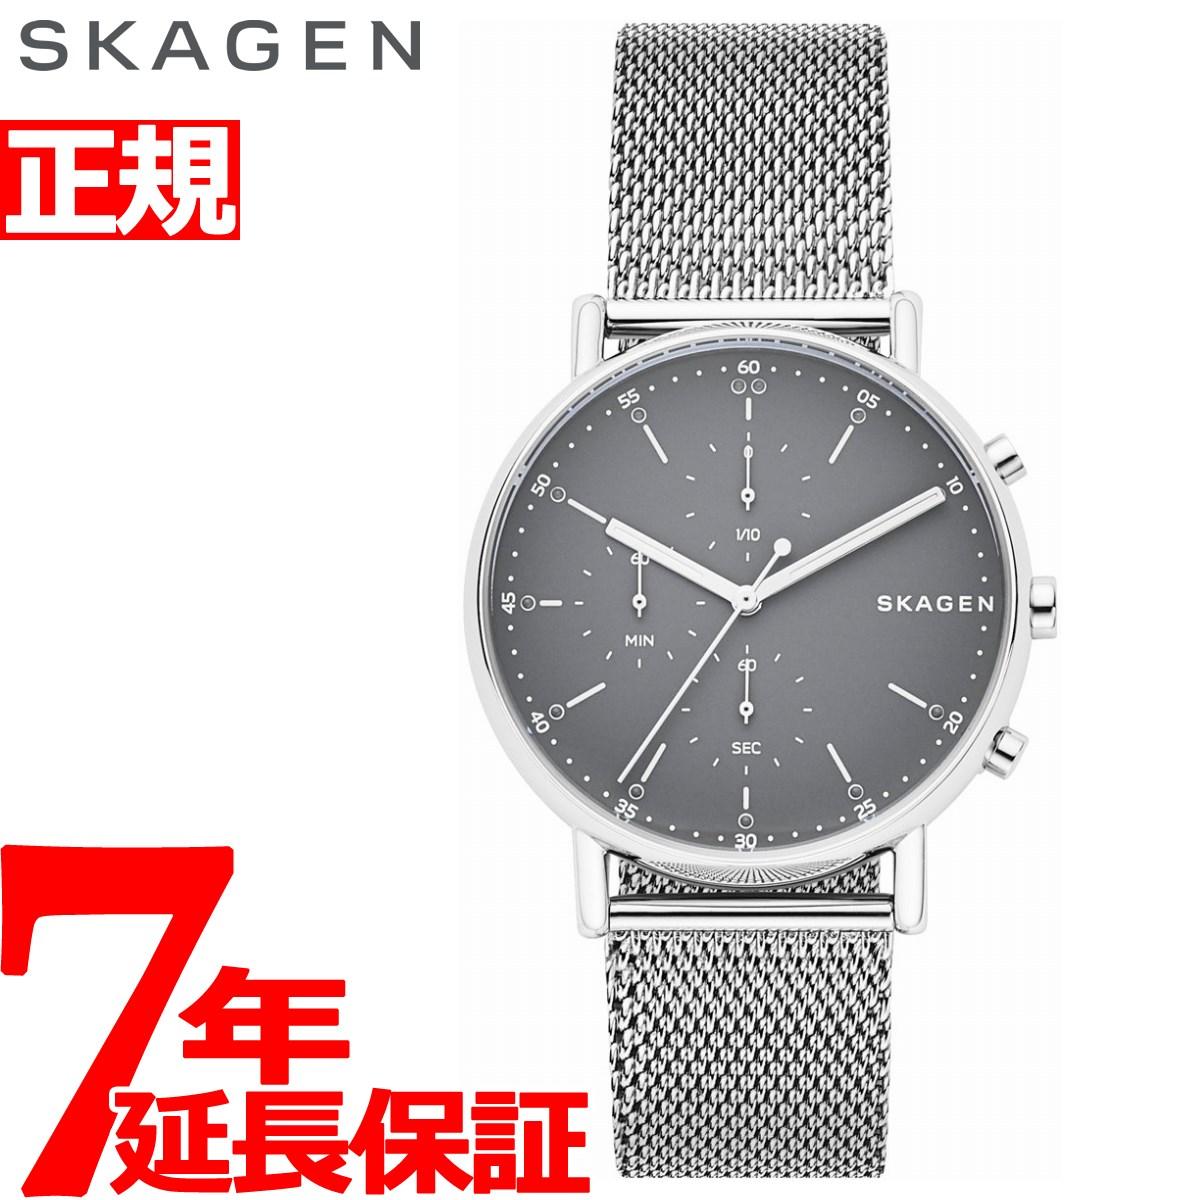 【お買い物マラソンは当店がお得♪本日20より!】スカーゲン SKAGEN 腕時計 メンズ シグネチャー SIGNATUR クロノグラフ SKW6464【2018 新作】